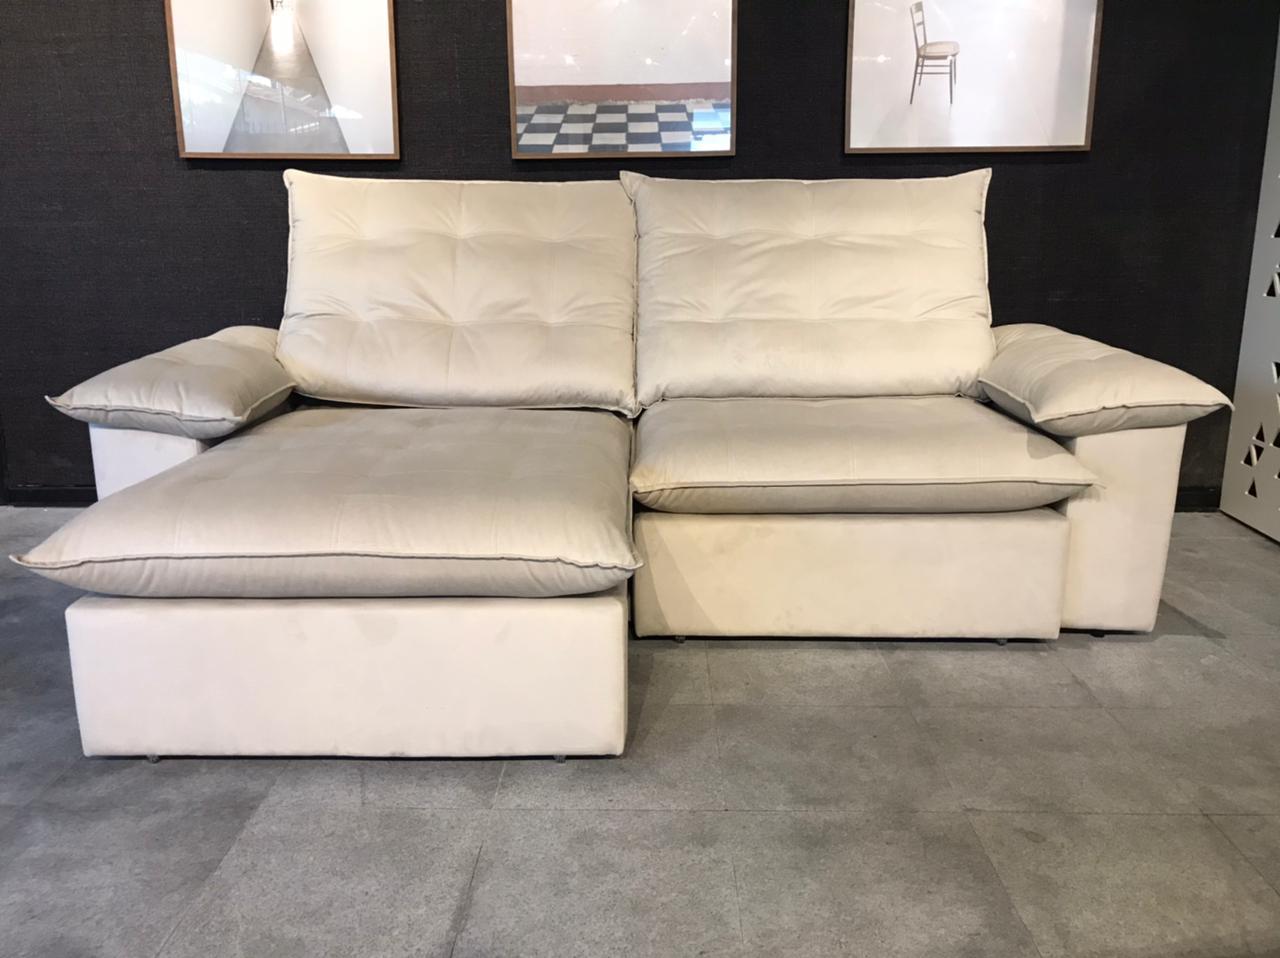 Sofá Pillow Veludo Areia  - Abarca Móveis Ltda